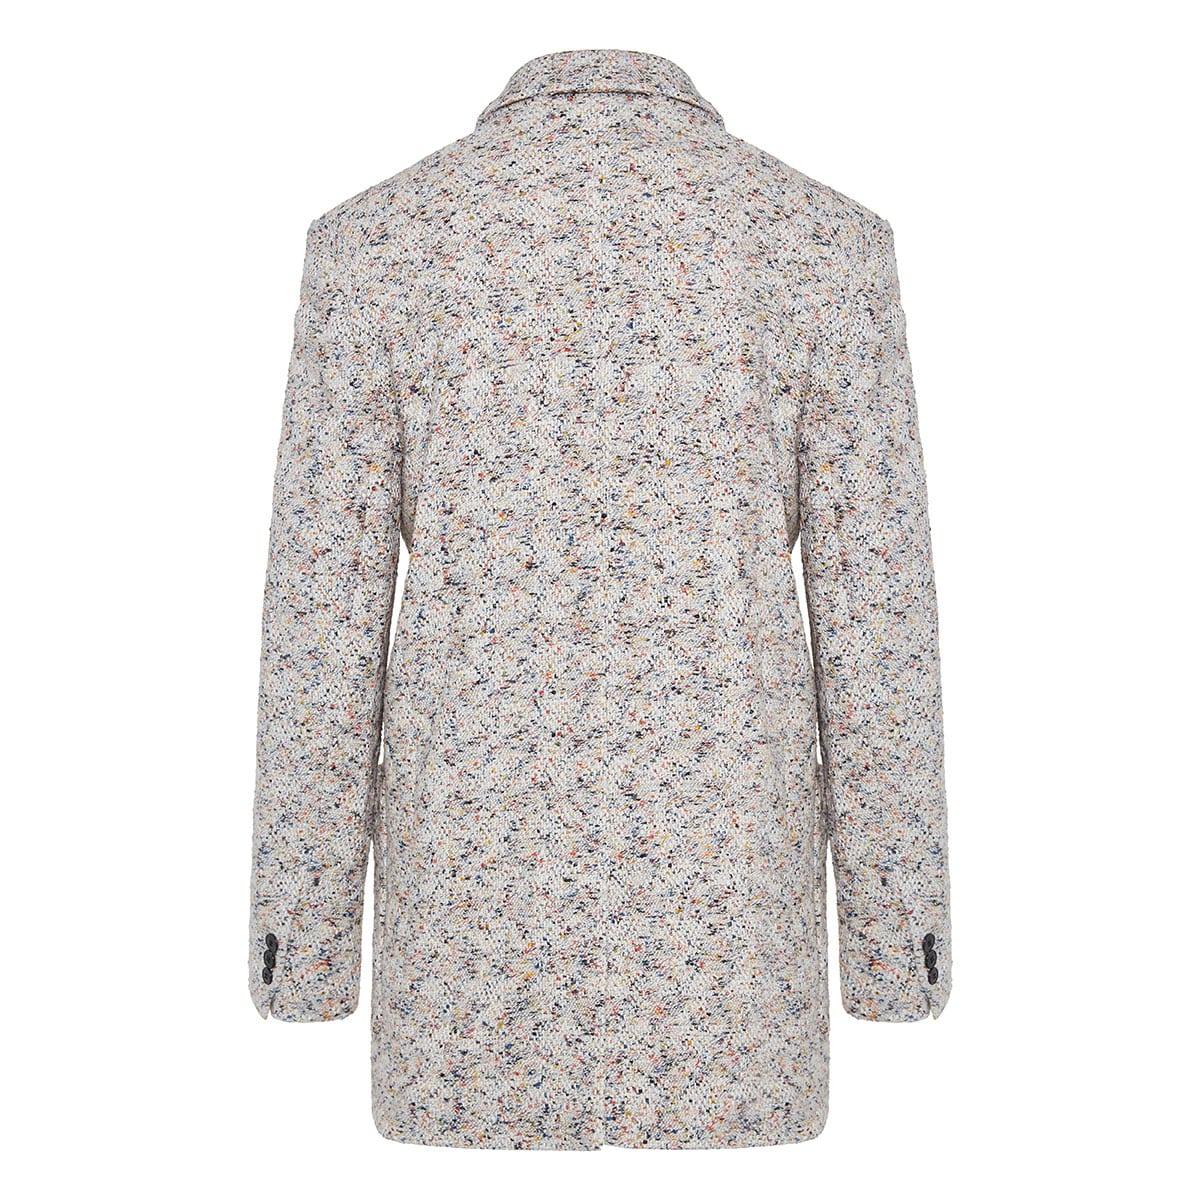 Kindan oversized tweed blazer